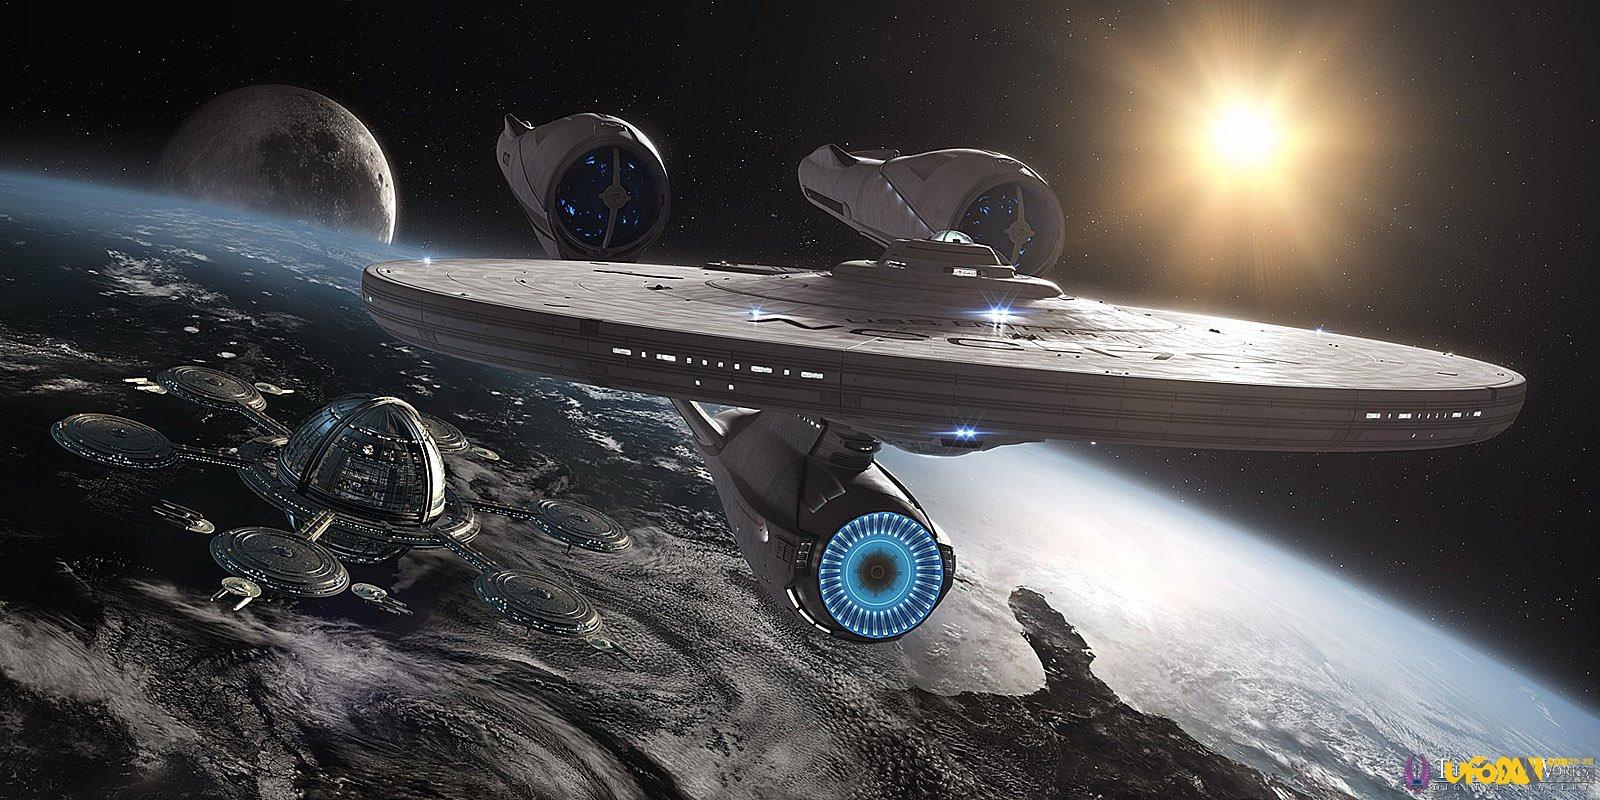 震惊!美国NASA在火星表面拍摄到宇宙飞船